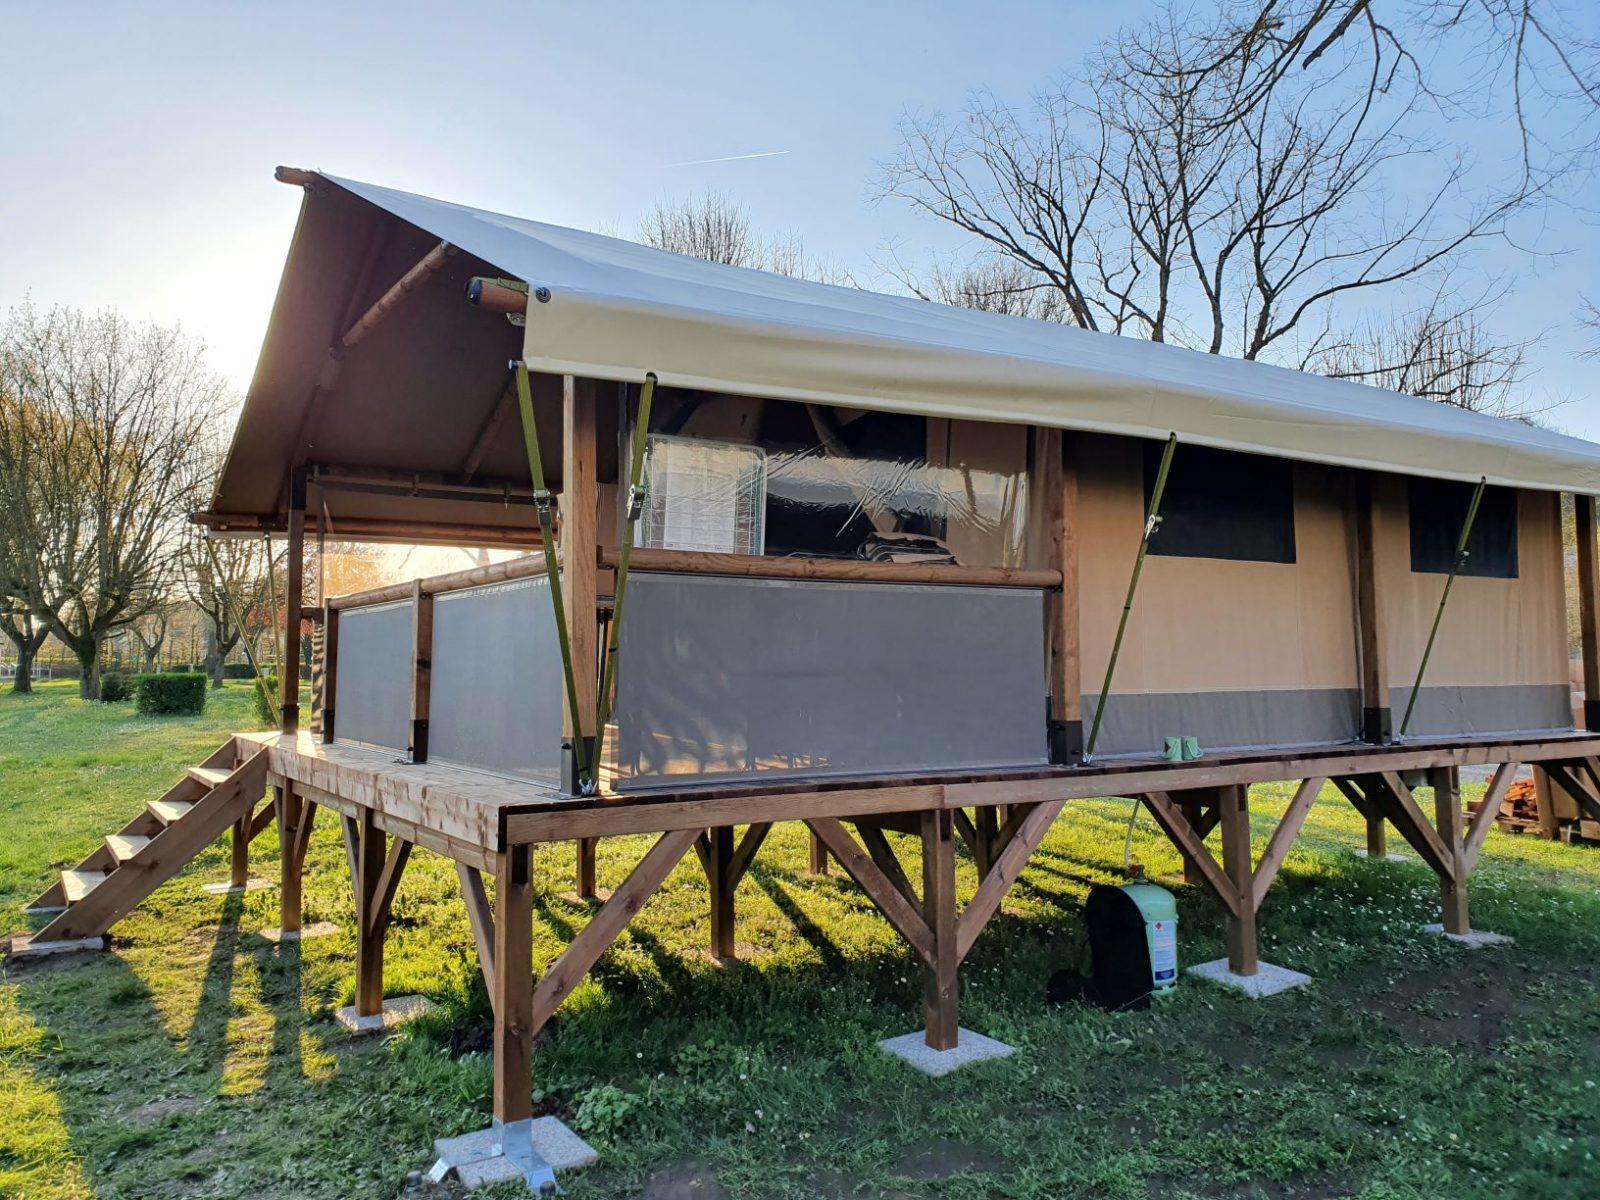 Camping les Patis - Refuge LPO : Ligue pour la protection des oiseaux. Indre-et-Loire, 37, France.